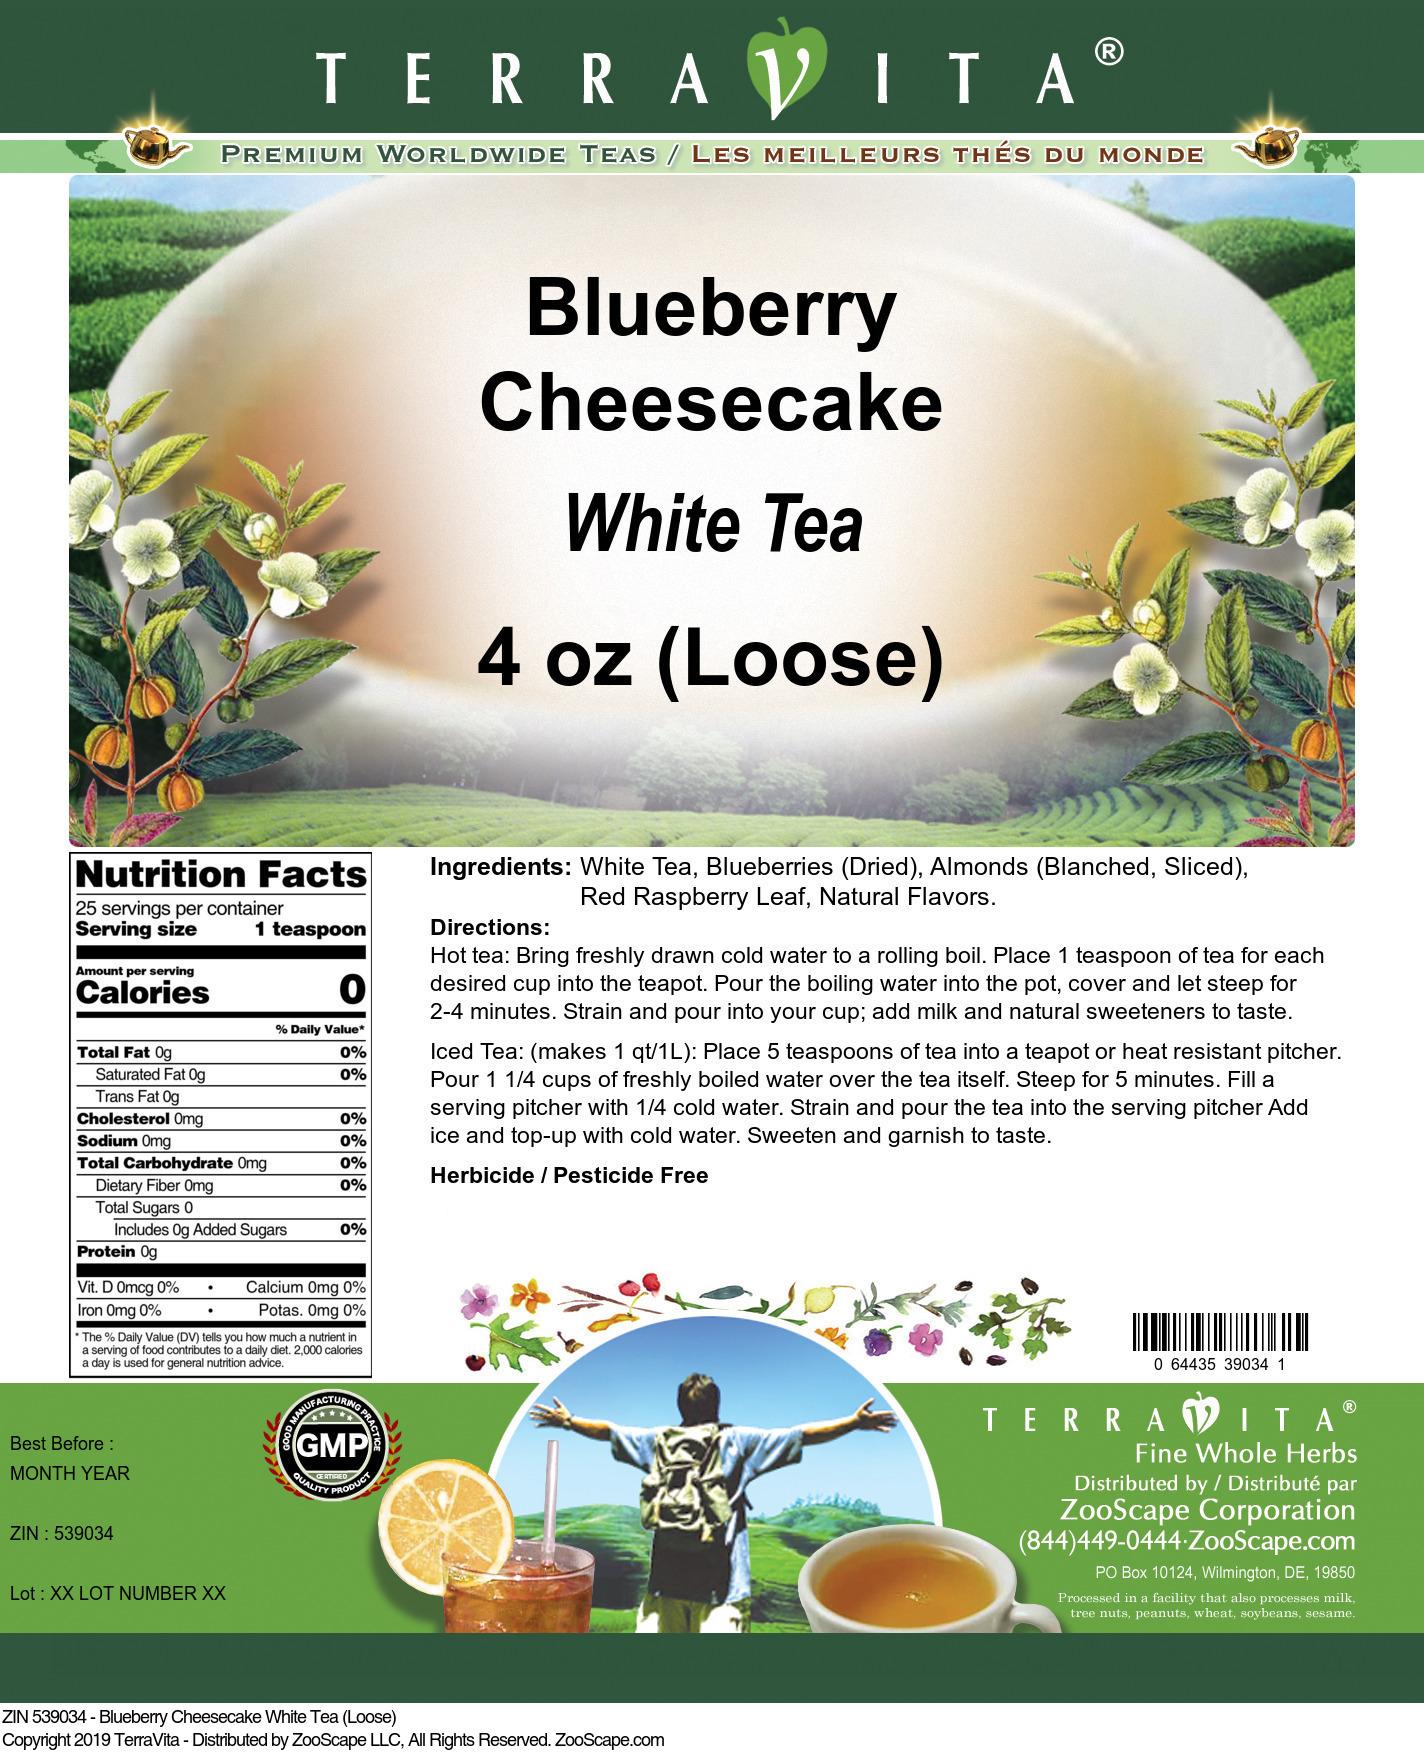 Blueberry Cheesecake White Tea (Loose)